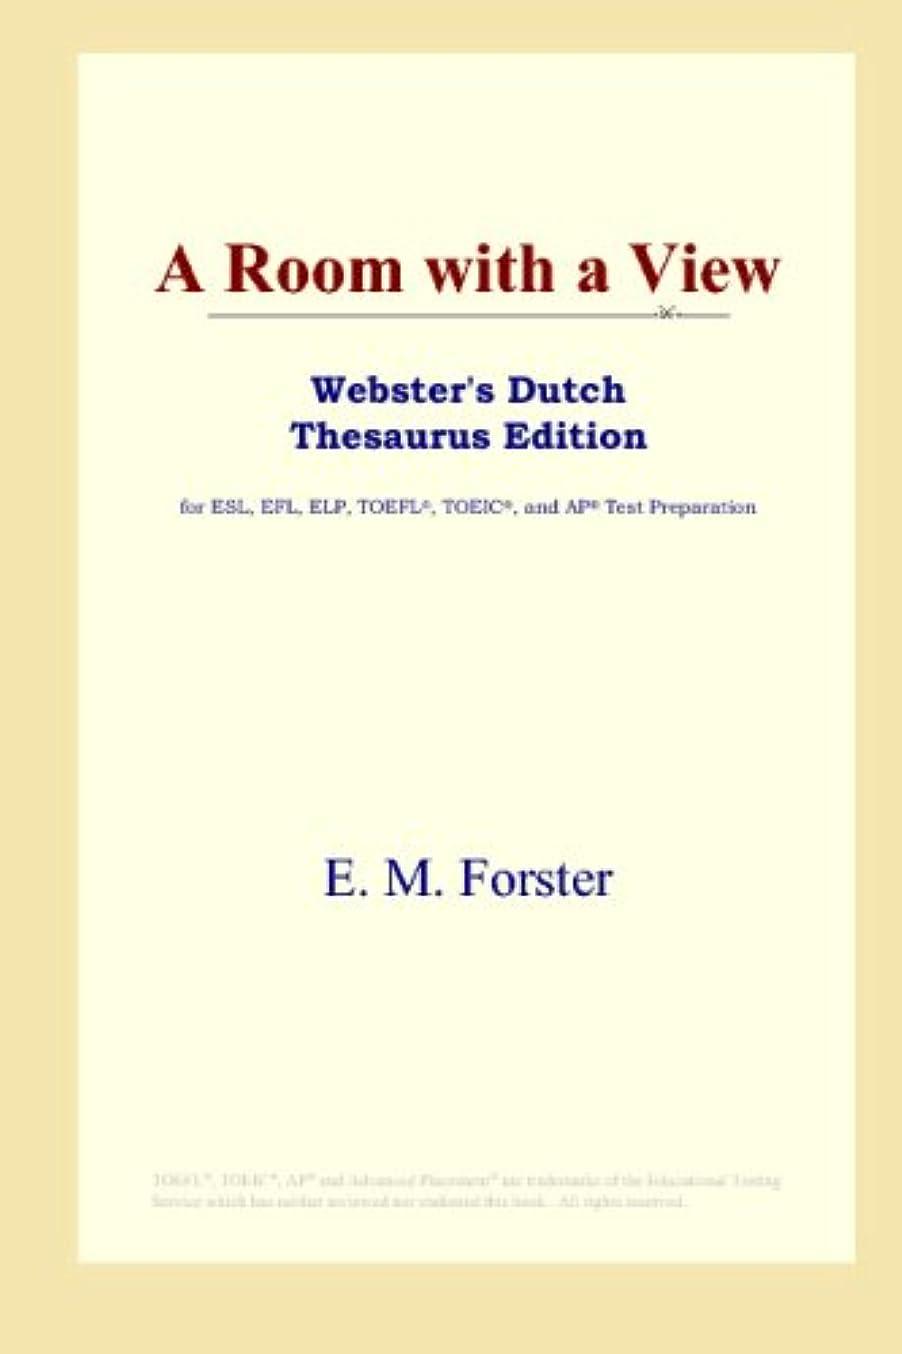 目的アラブ人サーバA Room with a View (Webster's Dutch Thesaurus Edition)